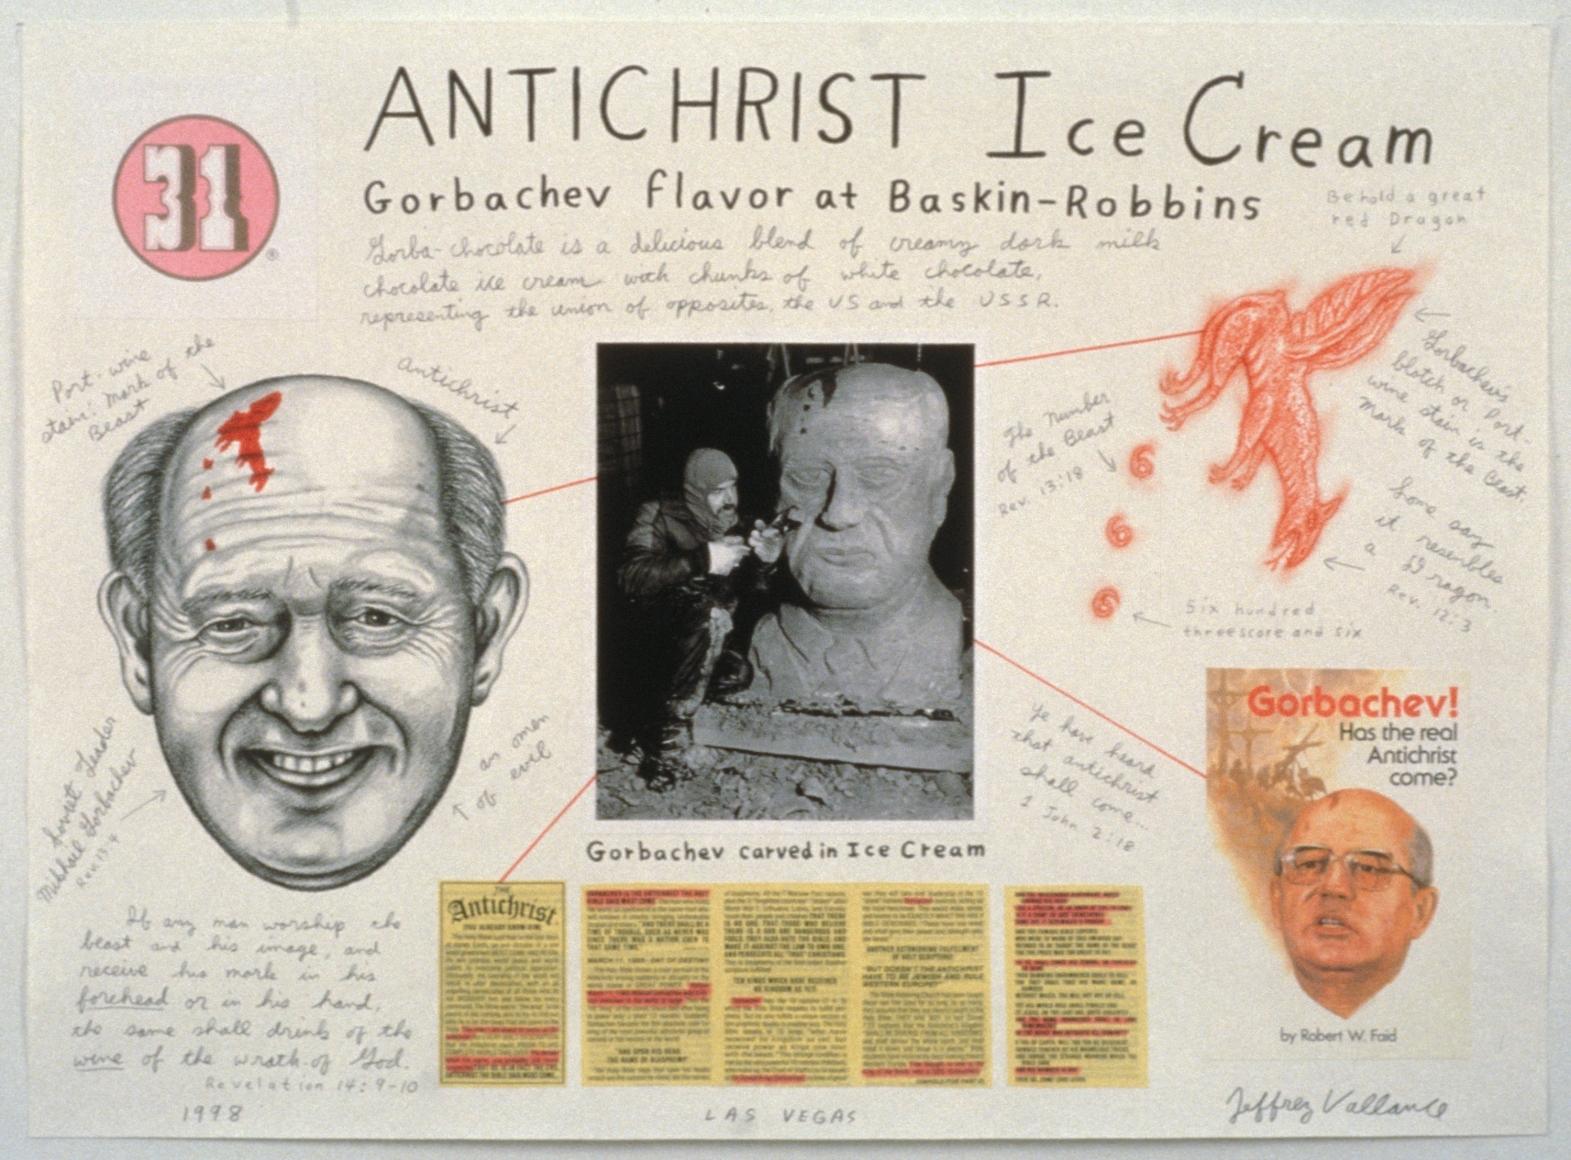 JEFFREY VALLANCE, Antichrist Ice Cream